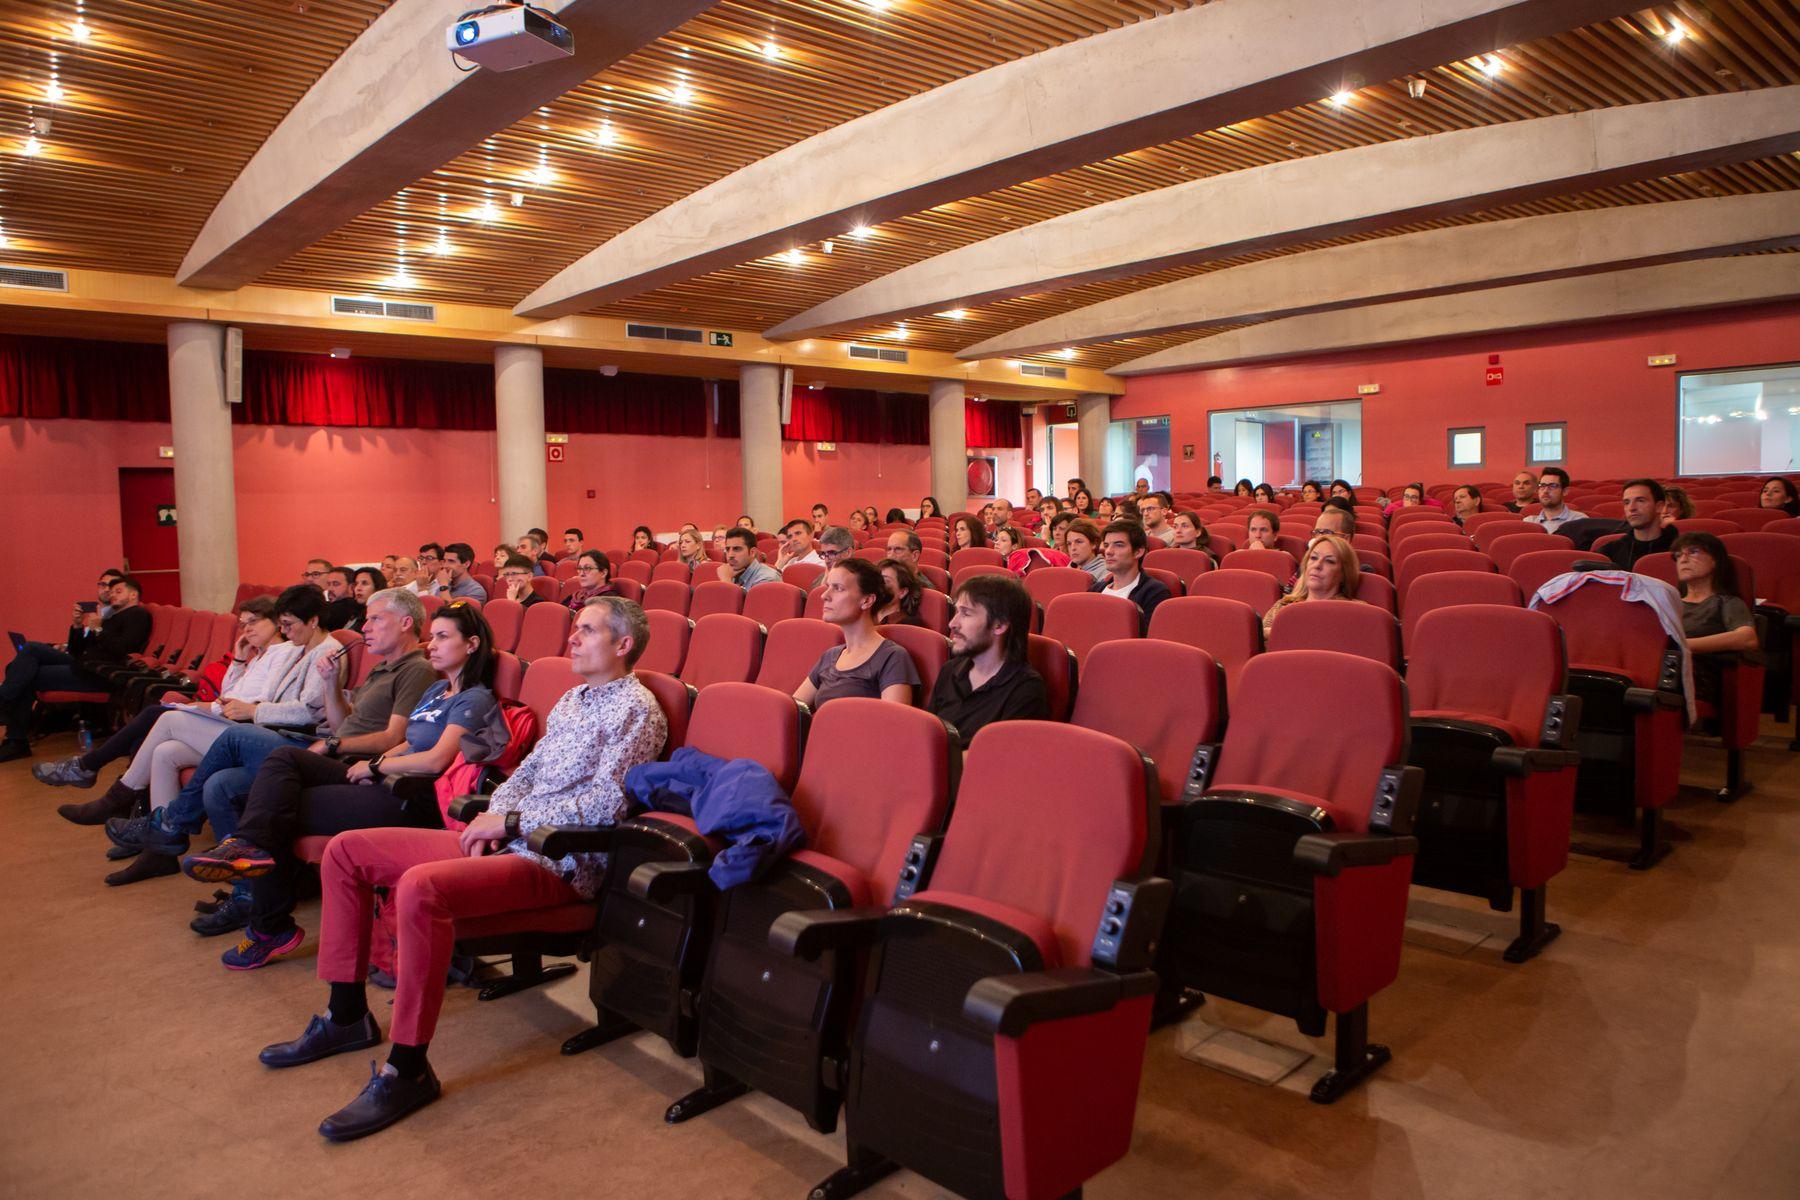 Una imagen del público asistente a la inauguración de la jornada, celebrada en el Salón de Actos de la Facultad de Ciencias de la Salud de la UPNA en Pamplona.